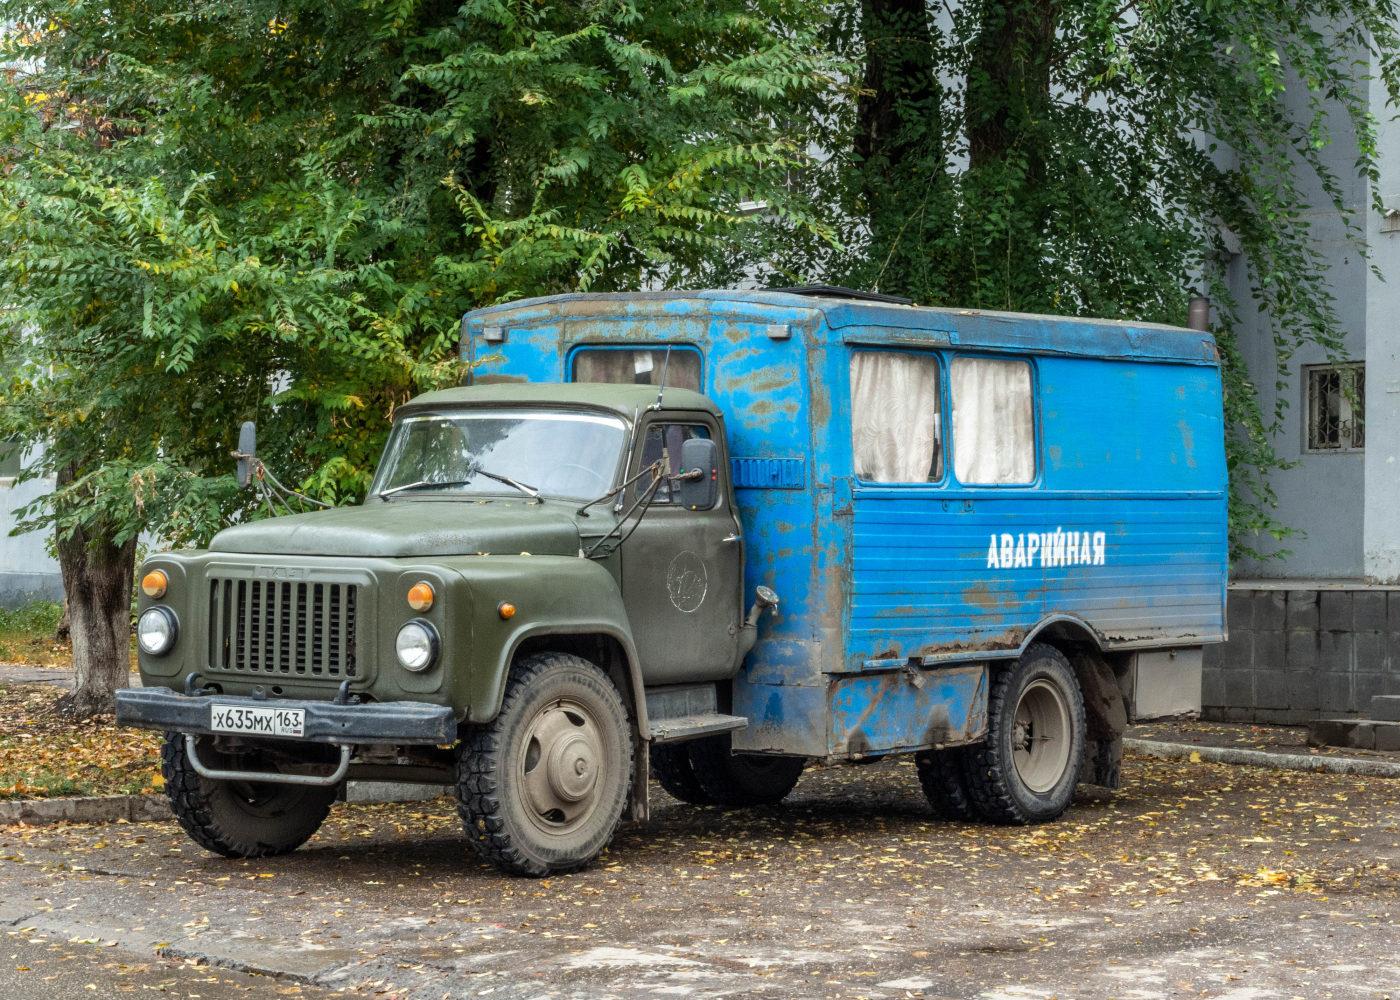 вахтовый автобус ТС-3966 на шасси ГАЗ-53-12 #х635мх163. г. Самара, ул.  Ерошевского